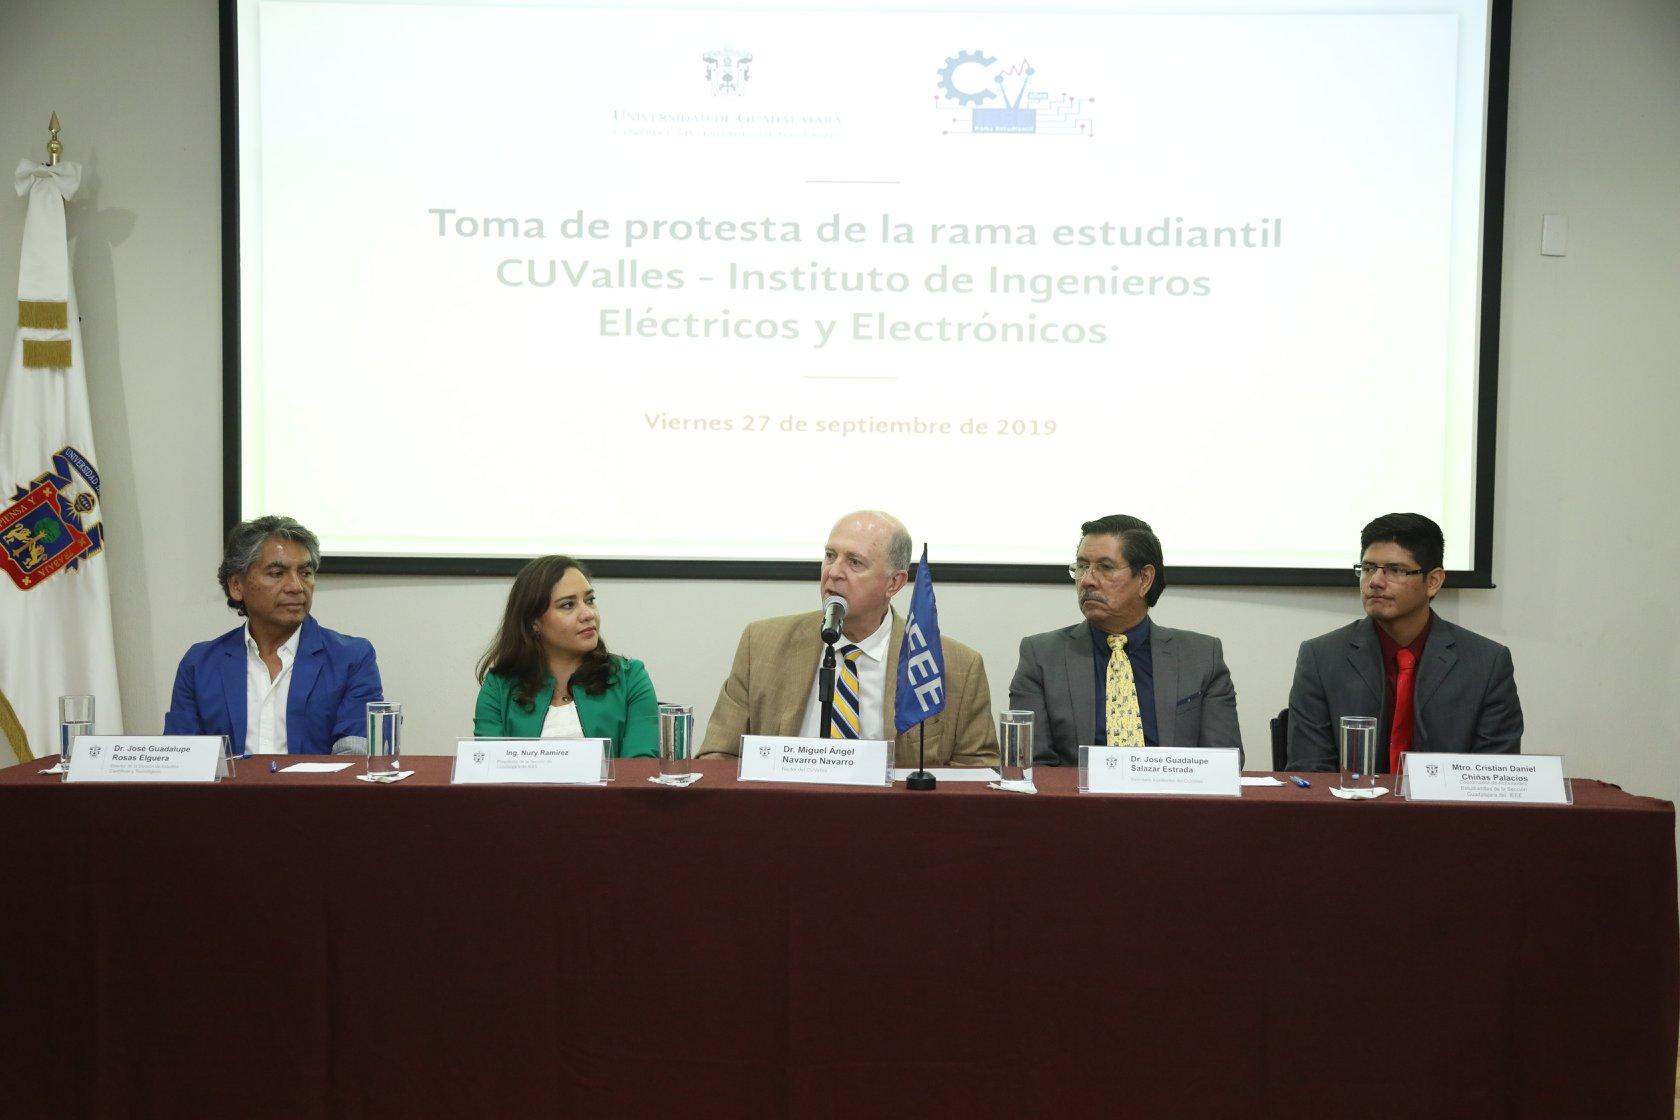 Dr. Miguel Ángel Navarro Navarro emite mensaje previo a la toma de protesta